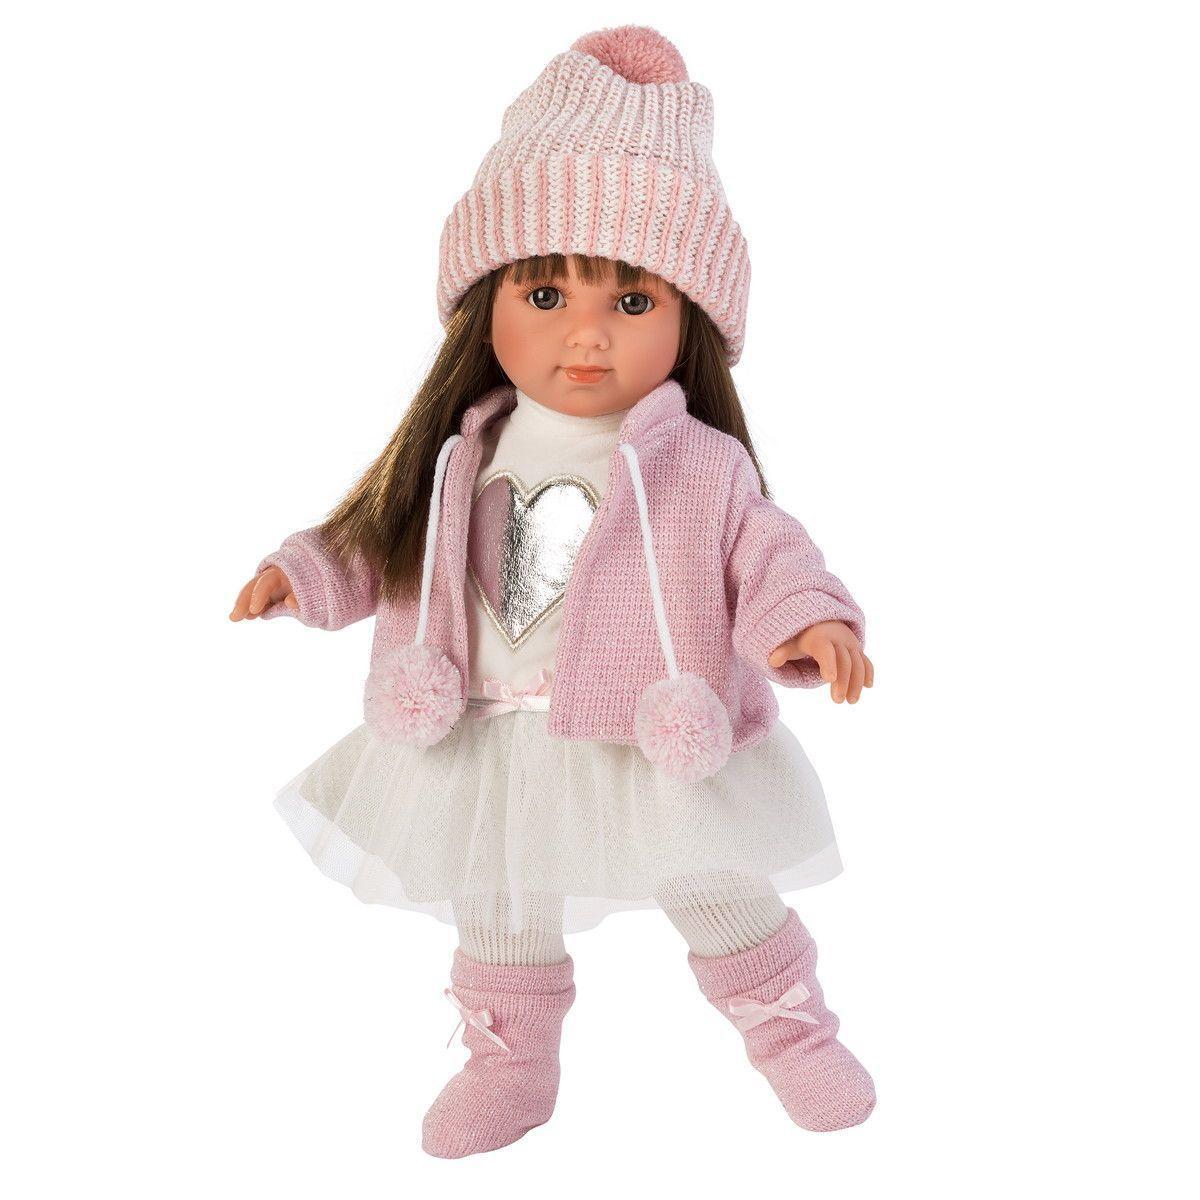 Кукла Llorens Сара шатенка в розовом жакете и белой кружевной юбке - фото 1